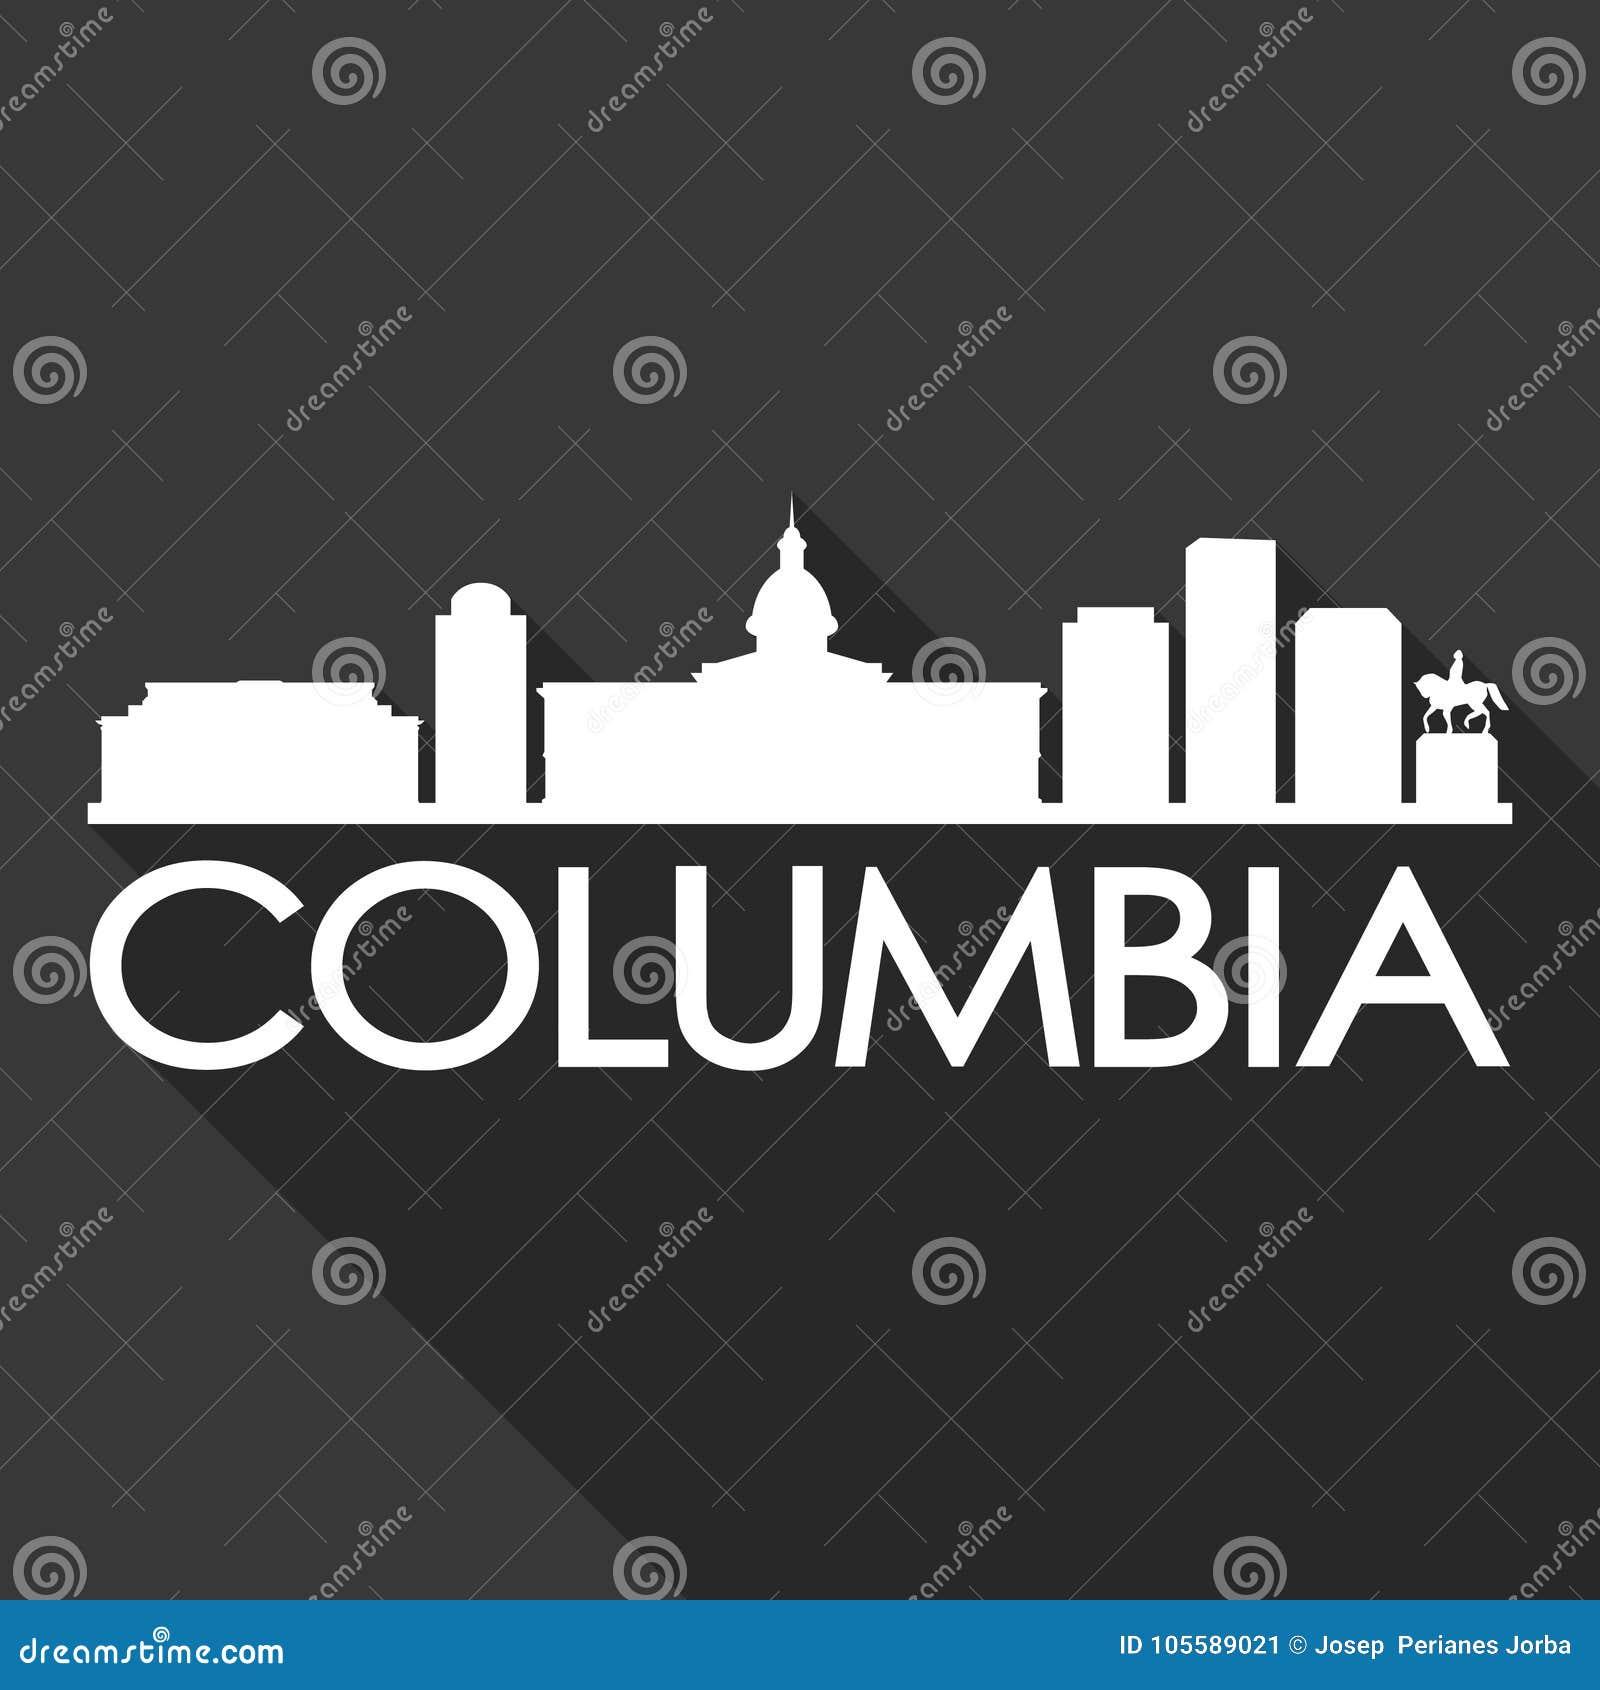 South Carolina Home Decor South Carolina Art Columbia Sc: Columbia South Carolina United States Of America USA Icon